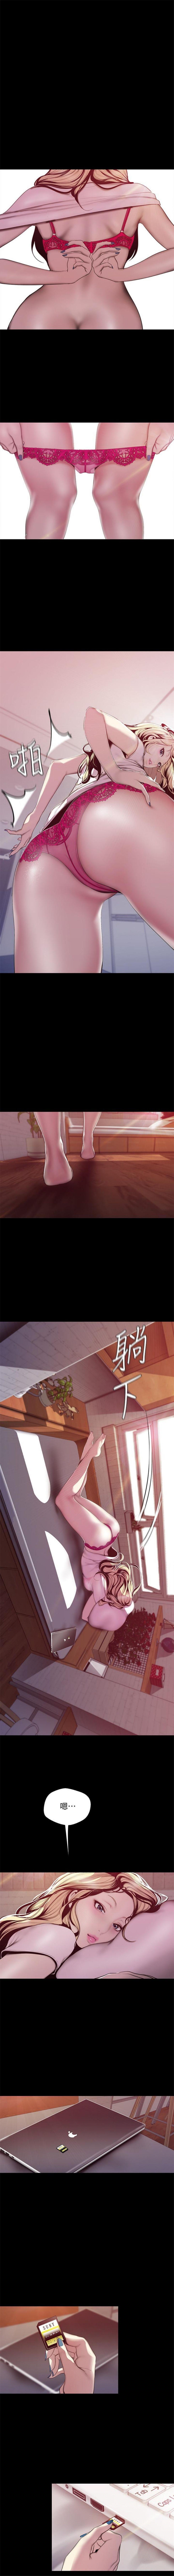 美麗新世界 1-85 官方中文(連載中) 516